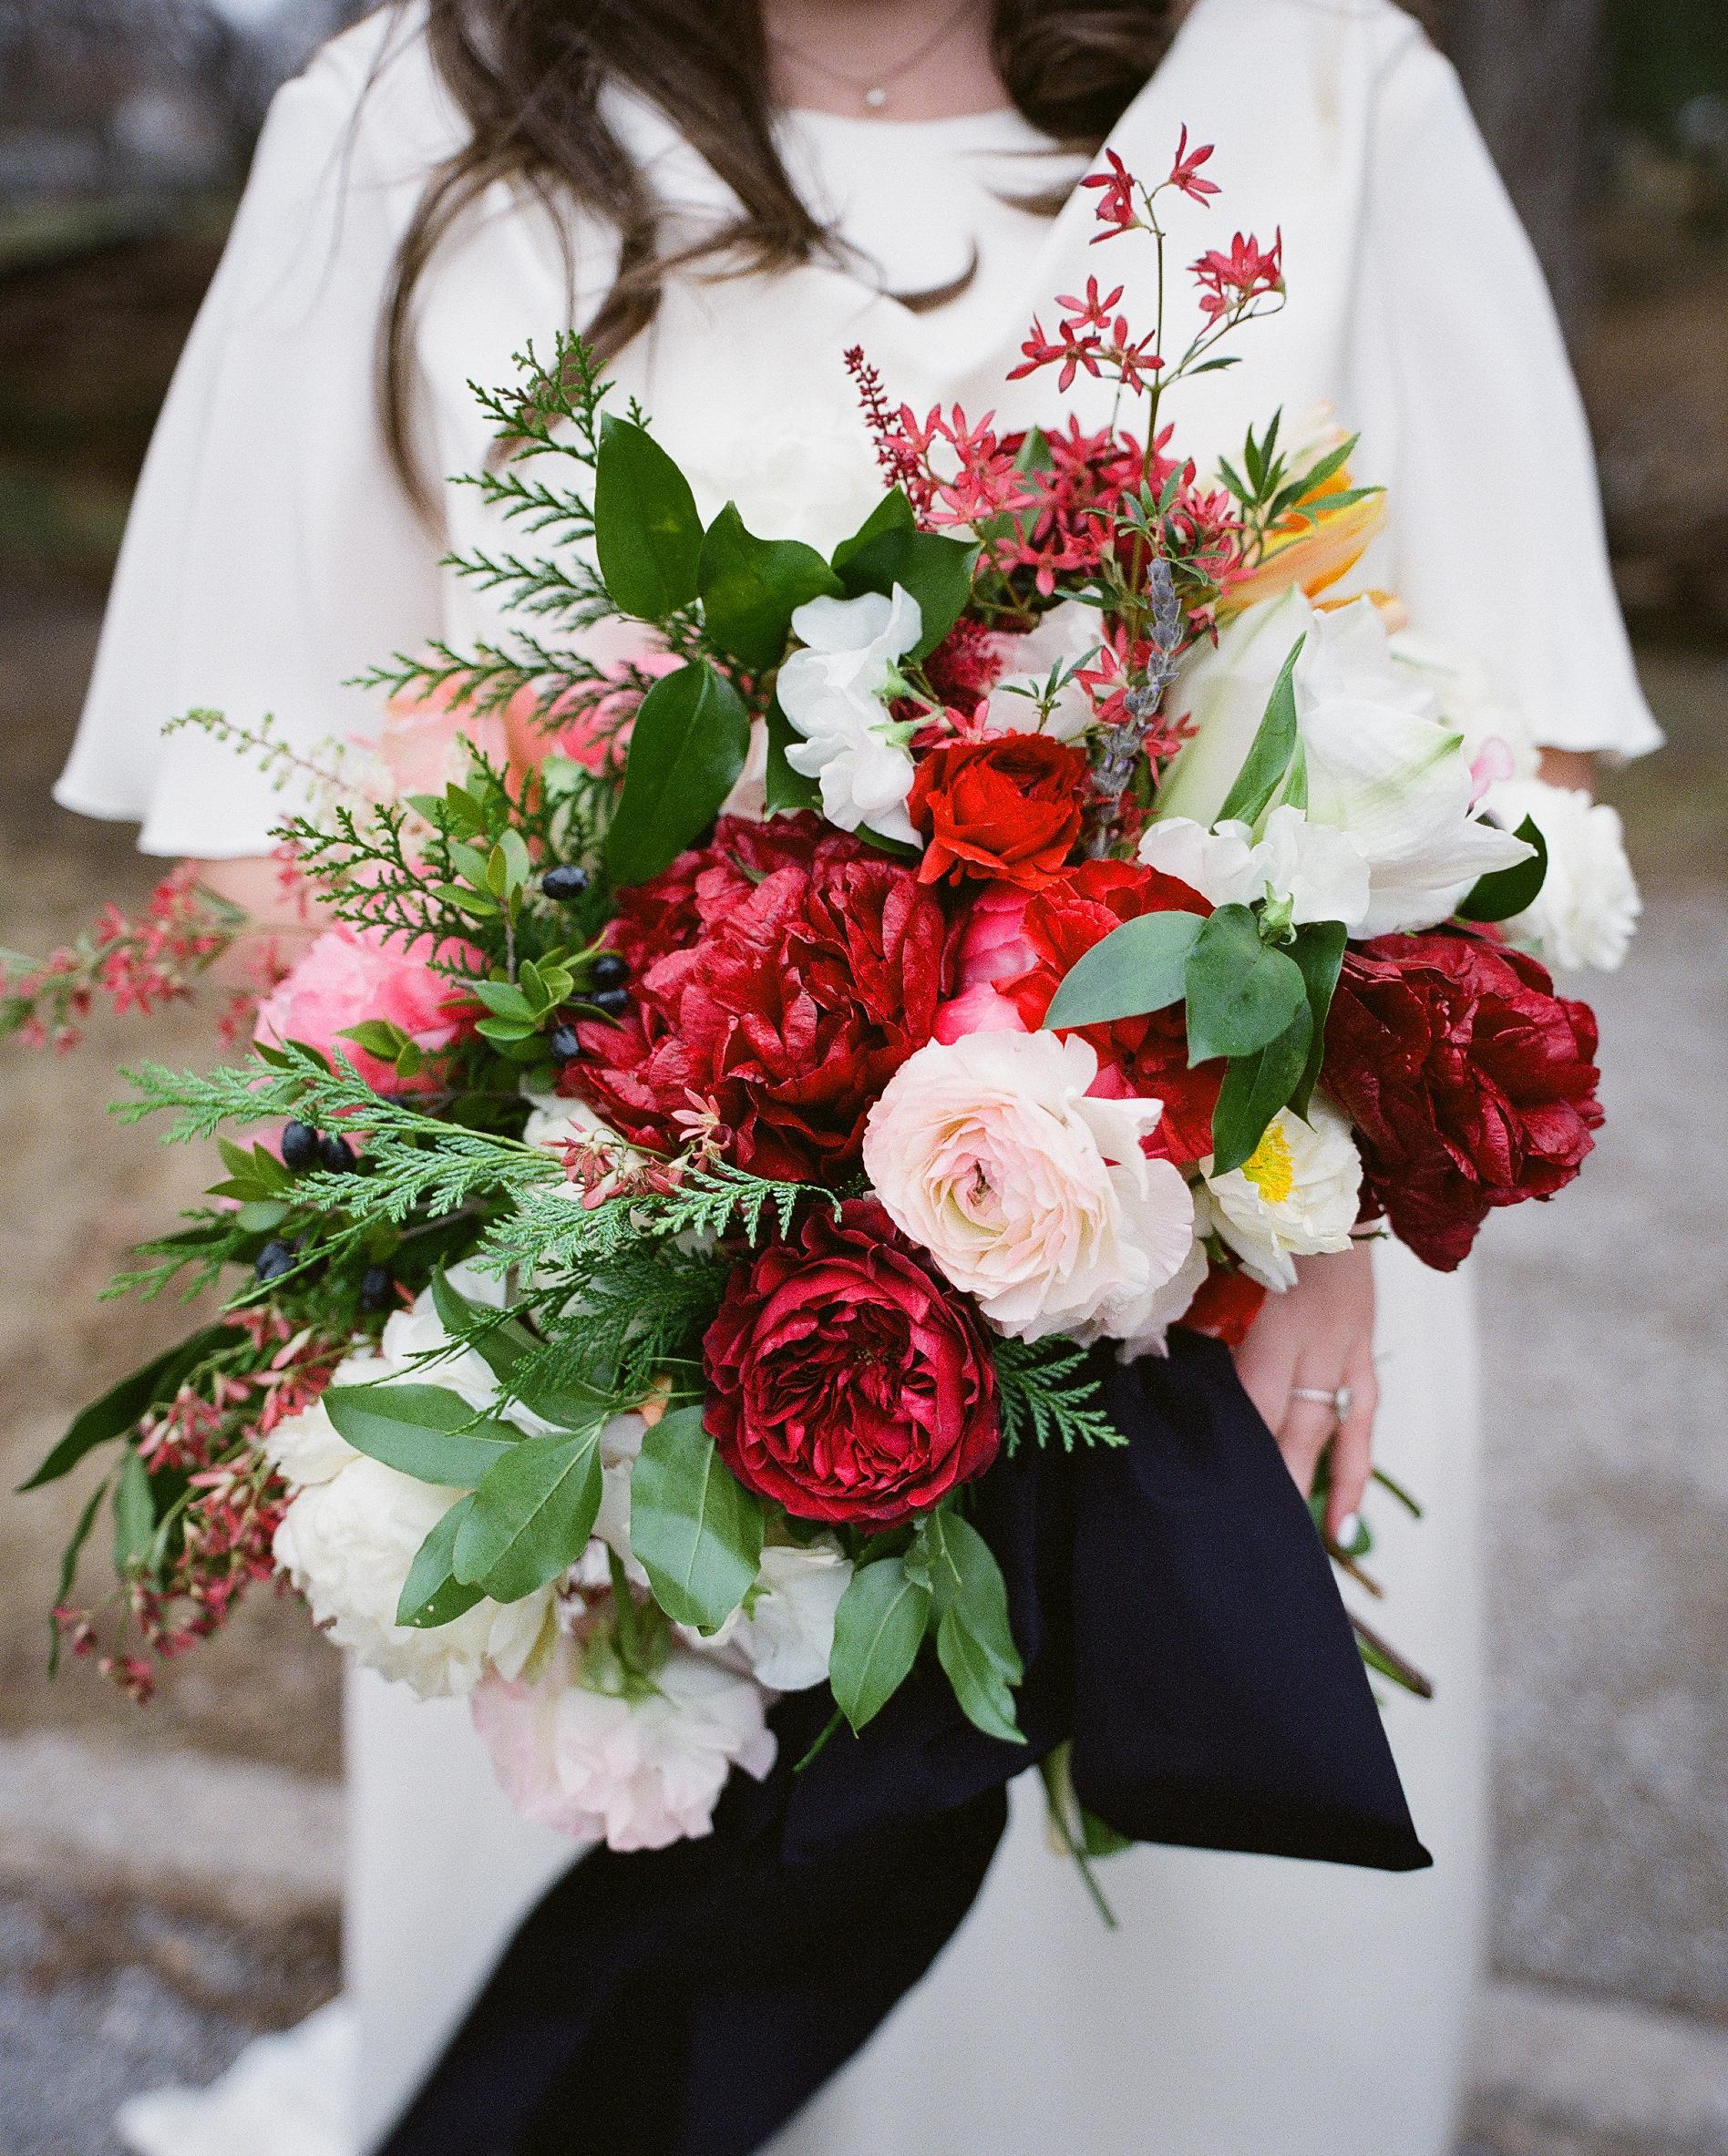 jessie-justin-wedding-bouquet-22-s112135-0915.jpg